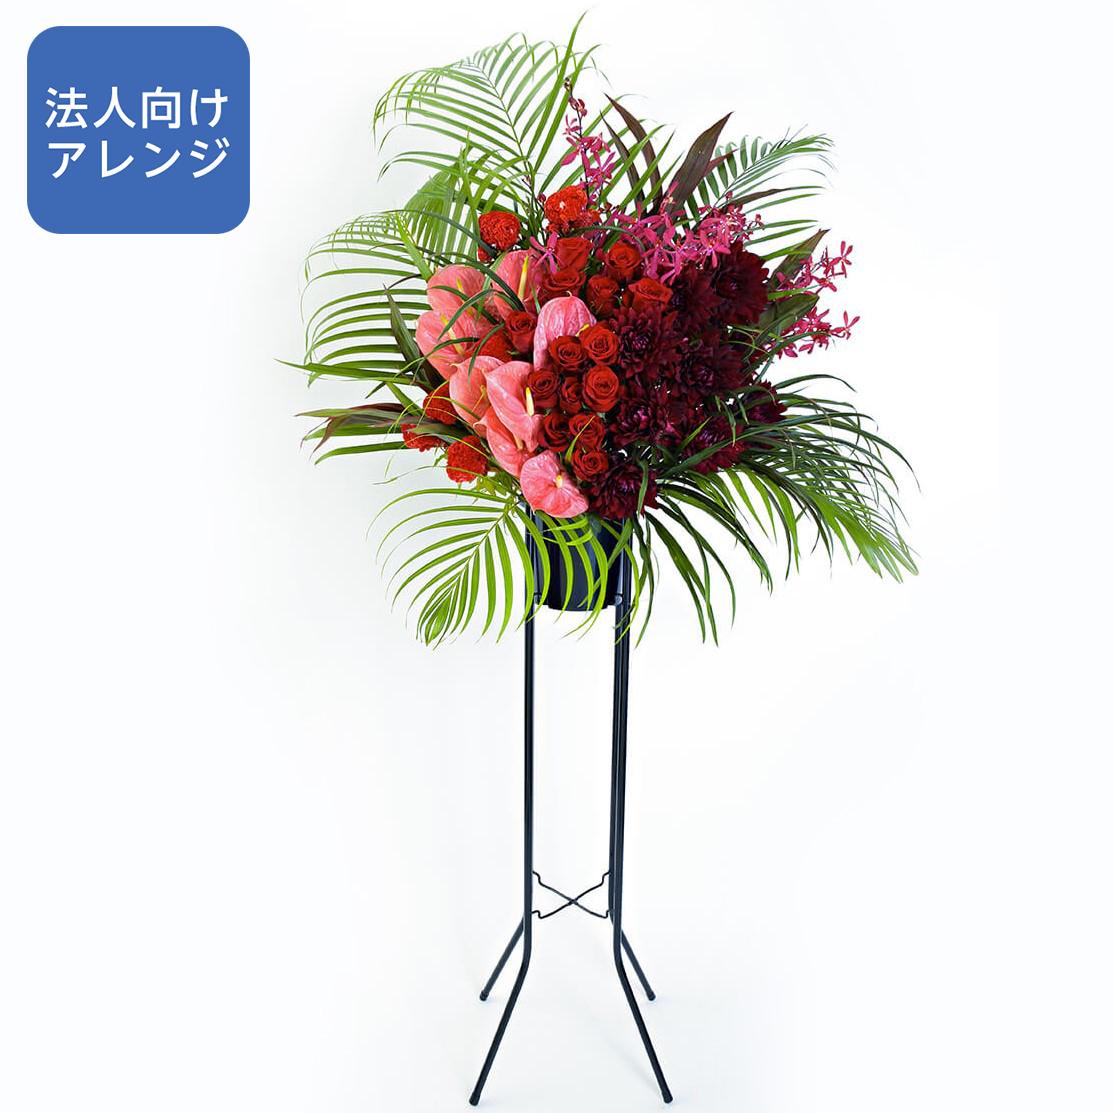 スタンド花 Lサイズ(レッド系)